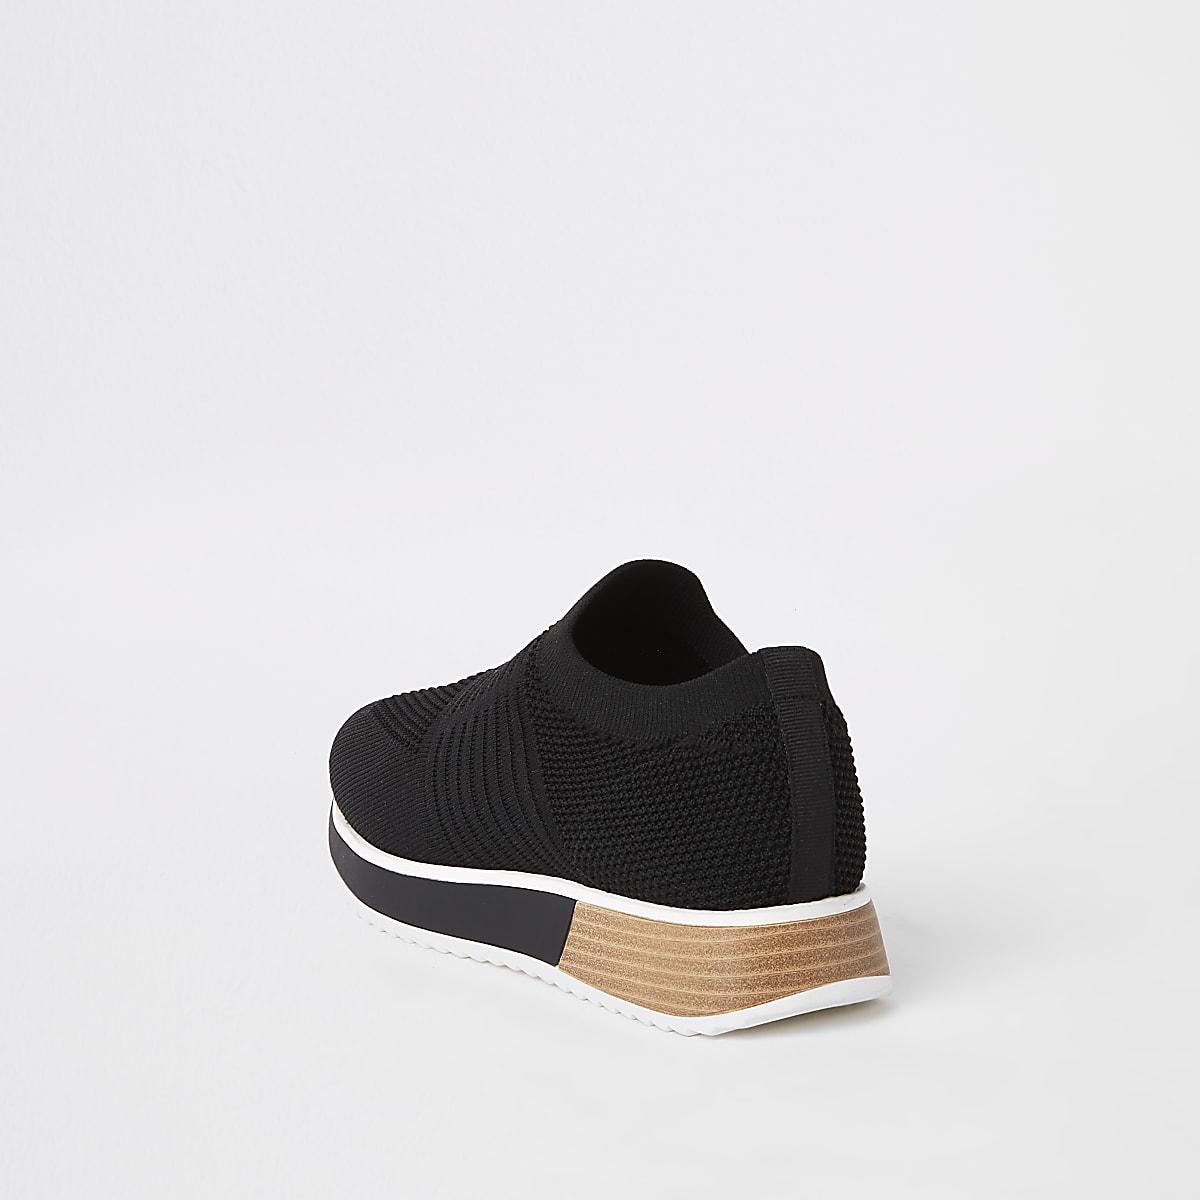 172553bec3b Zwarte gebreide sneakers - Sneakers - Schoenen & Laarzen - Dames